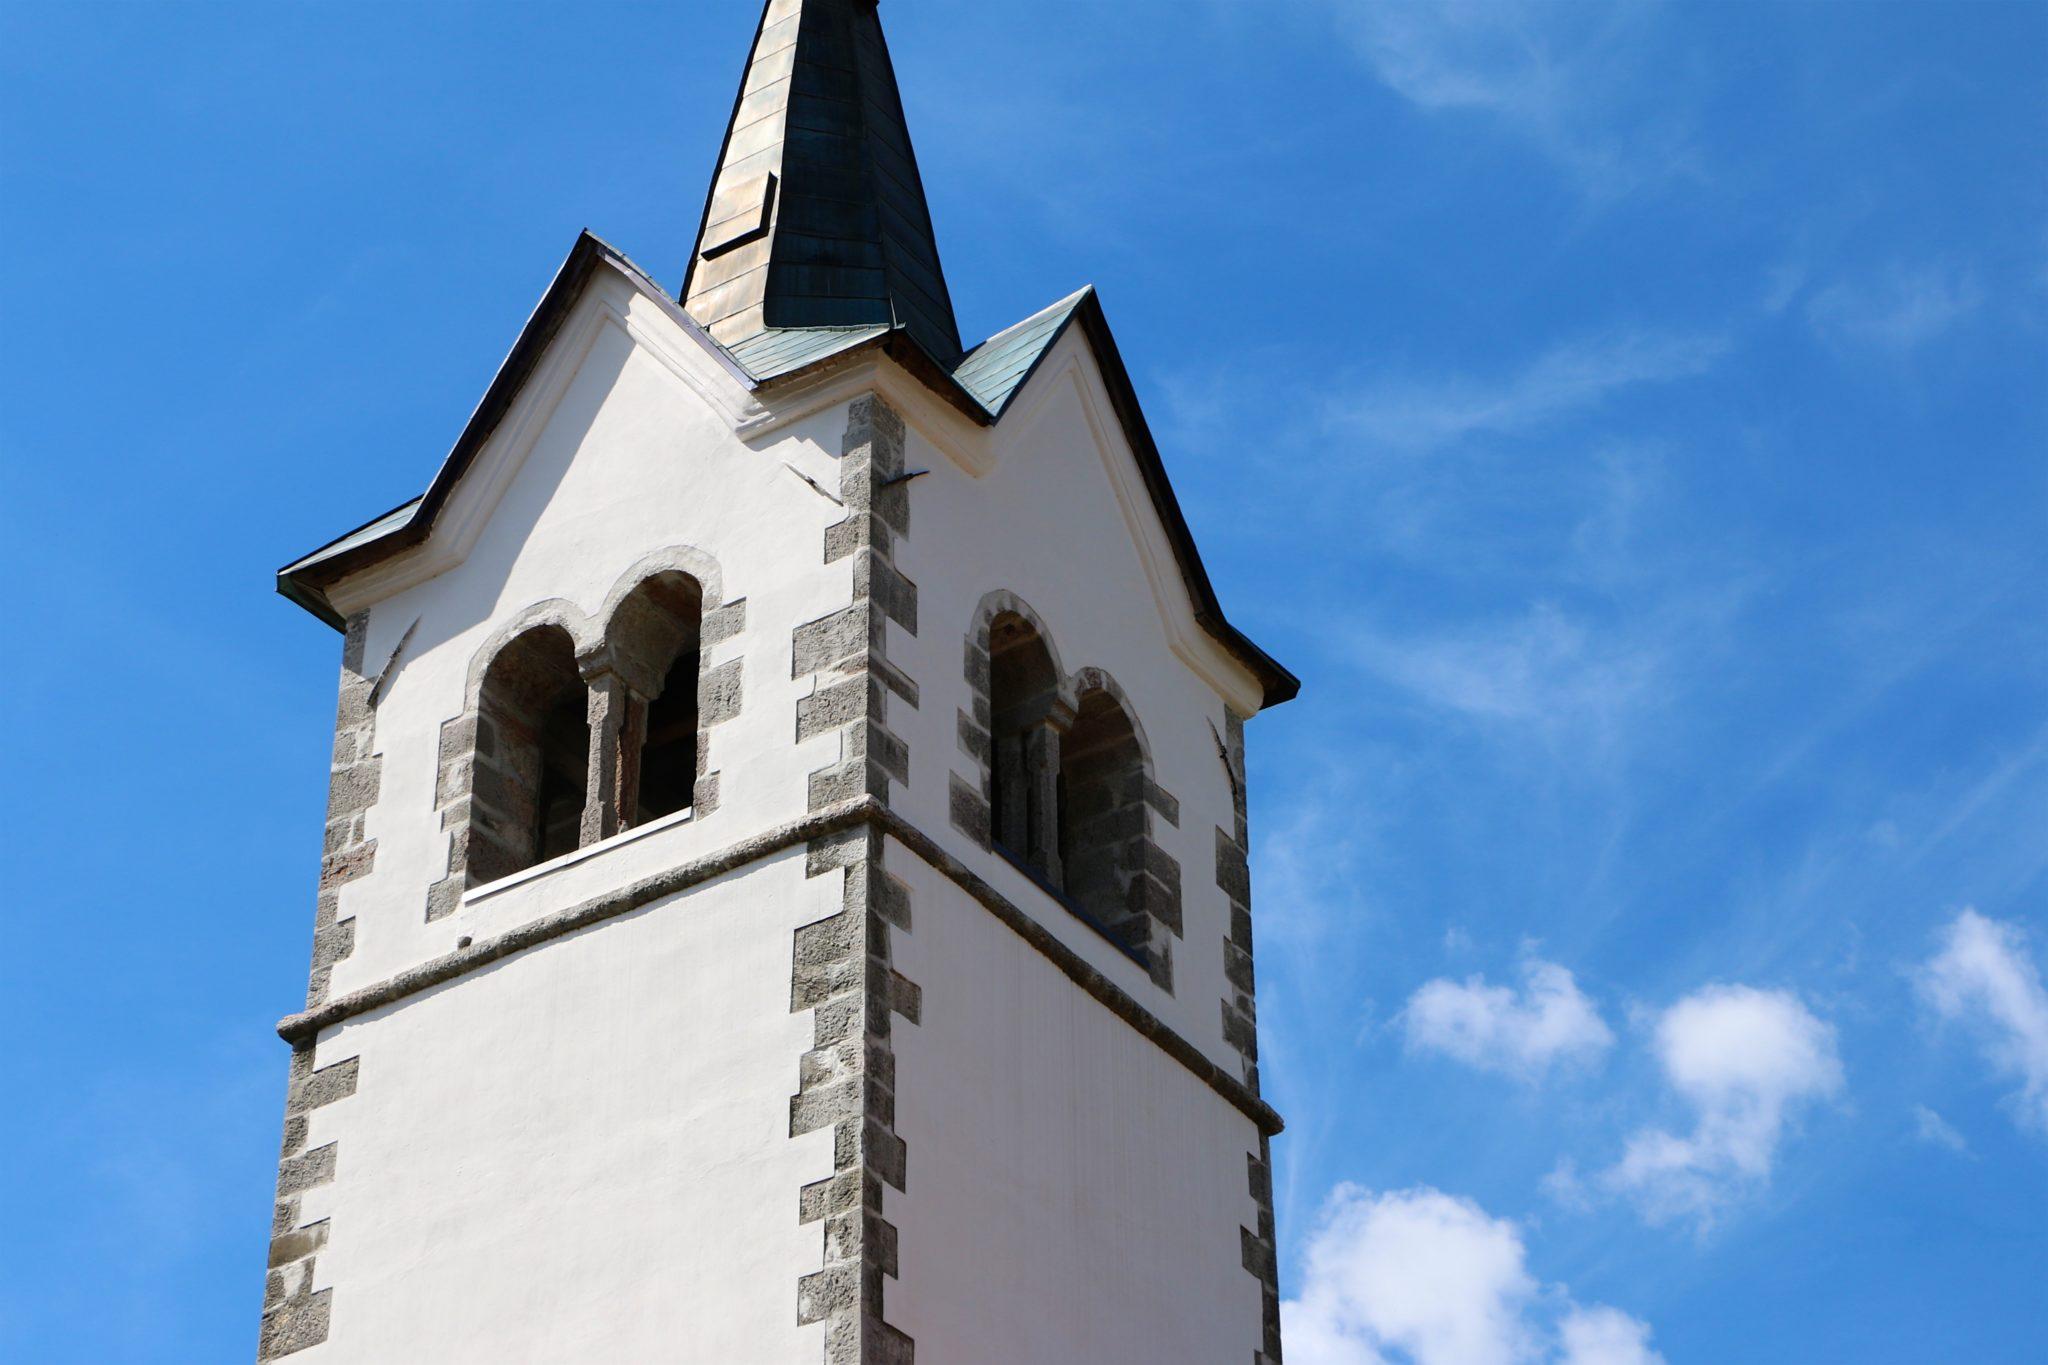 Svino: A Small Slovenian Village